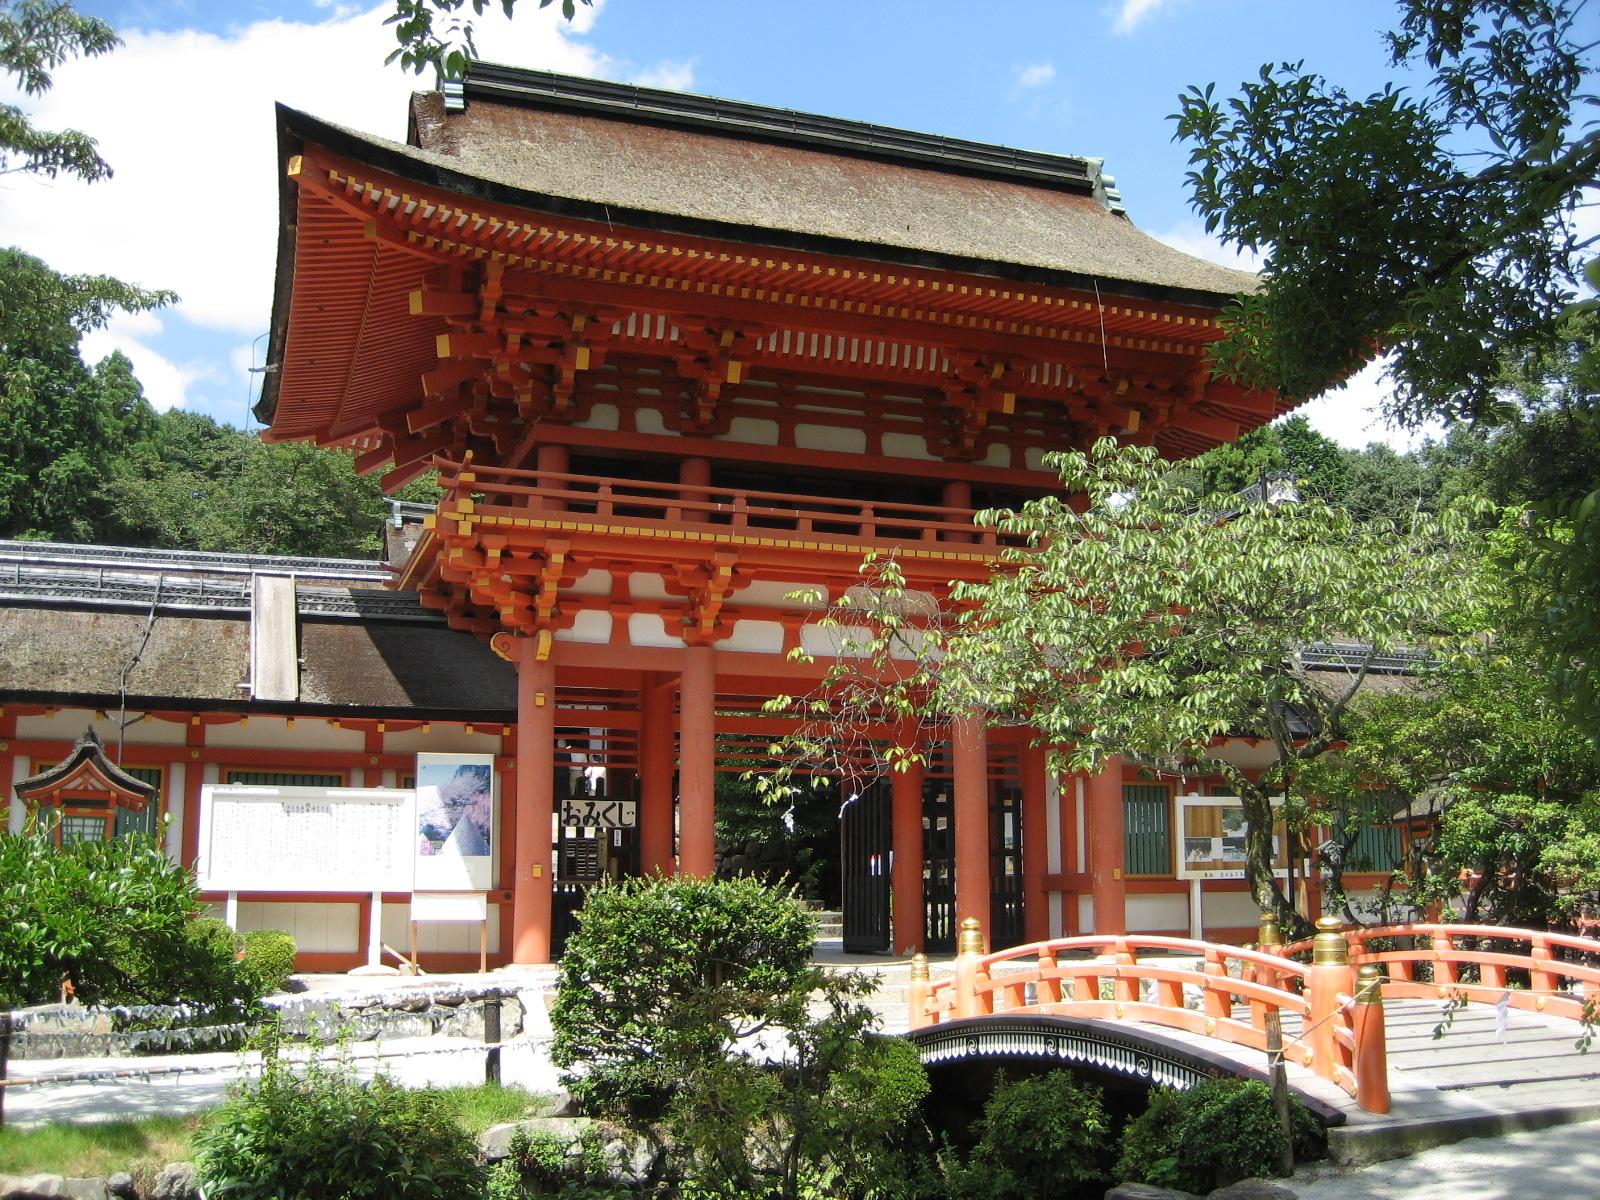 夏季限定微风!京都文化财产即将开放